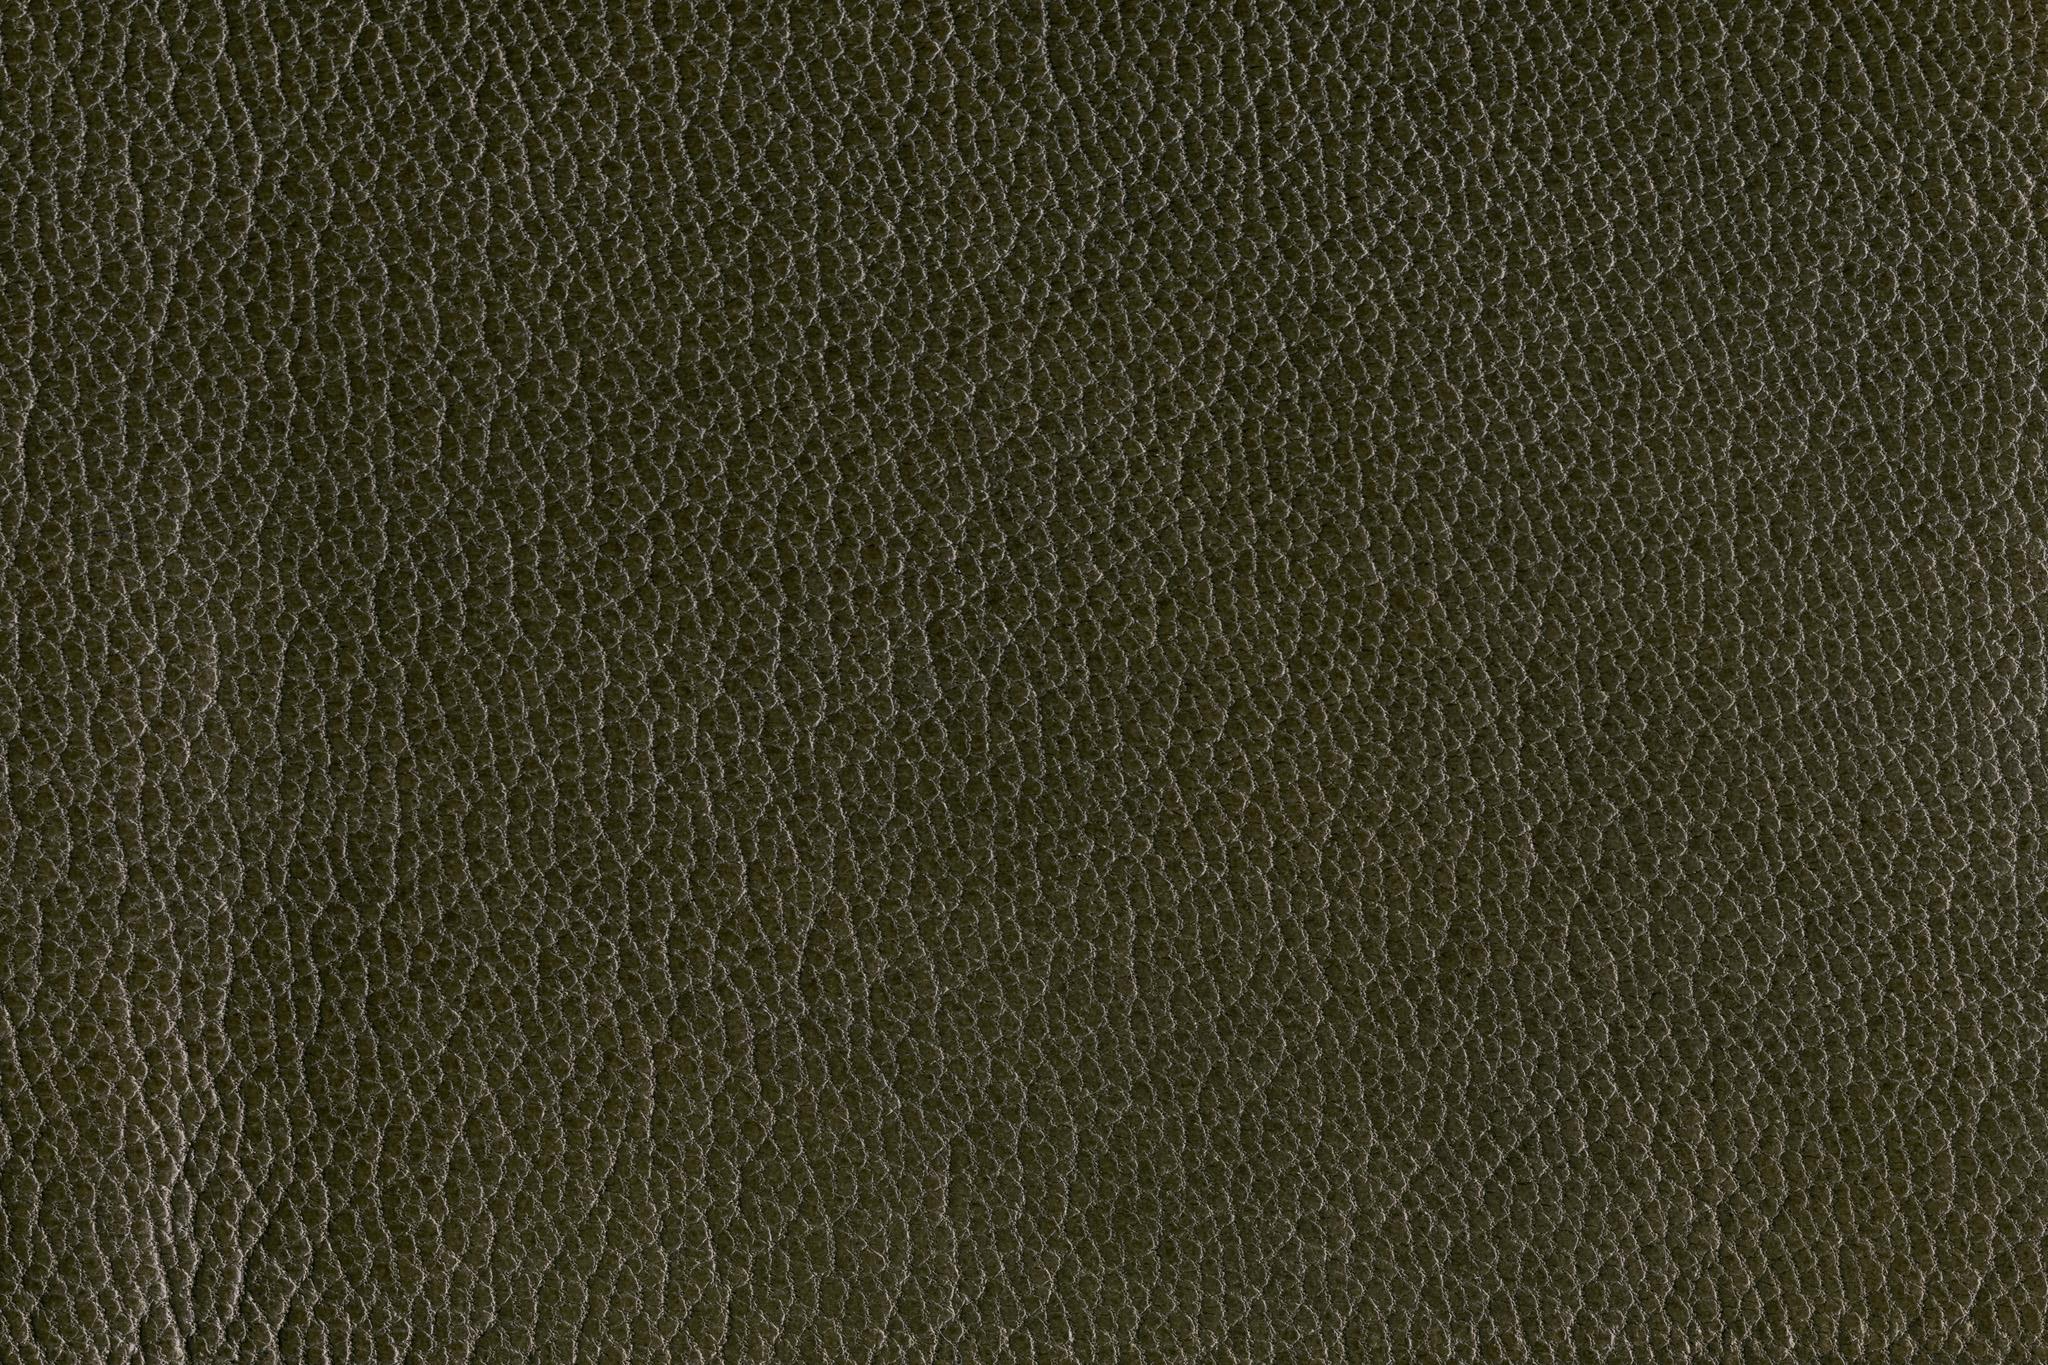 「光沢のある滑らかな風合いの革」の素材を無料ダウンロード